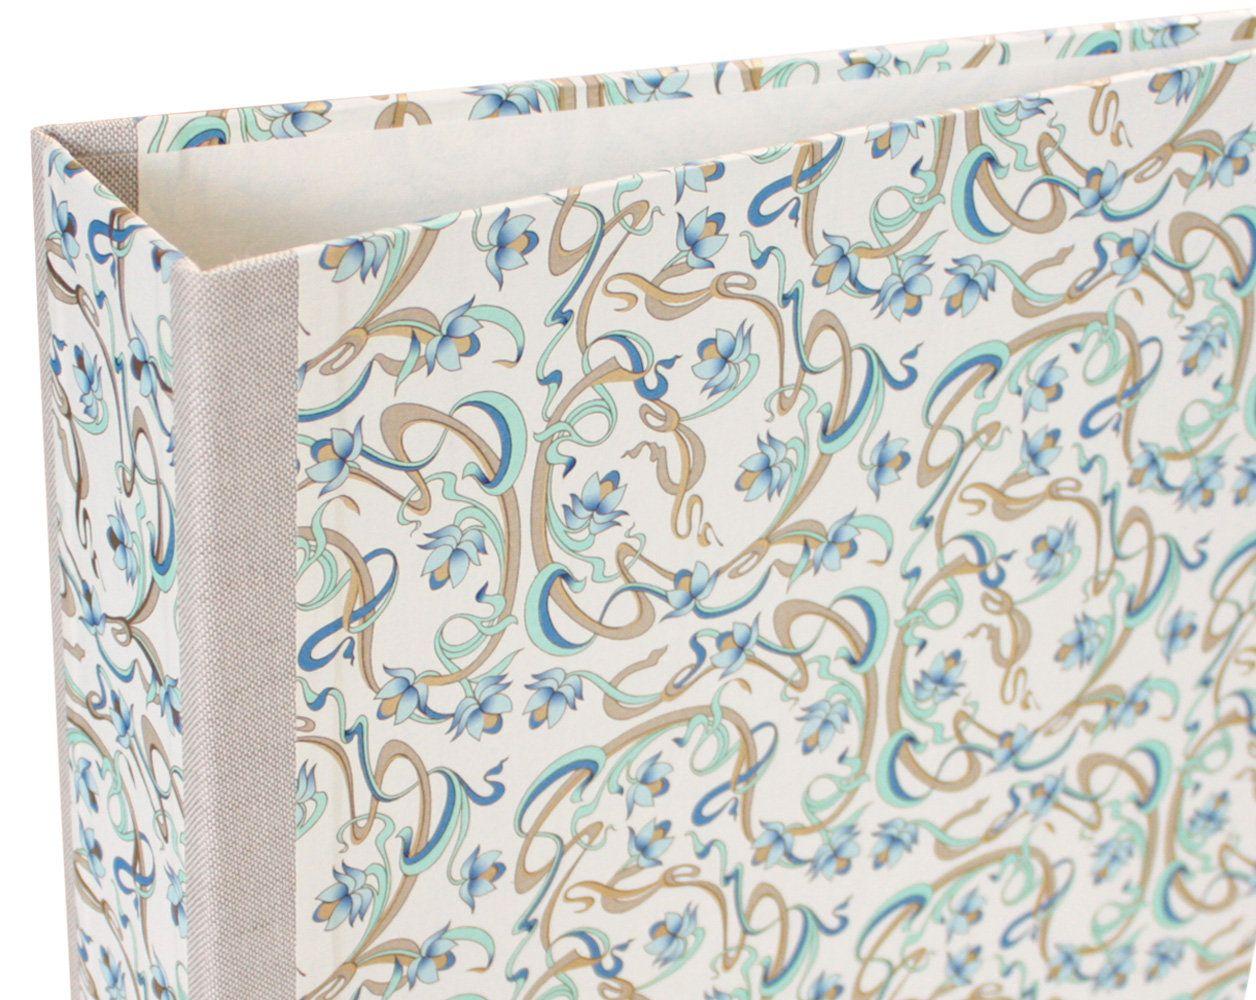 Decorative Folders Ring Folder A4 With Motif Art Nouveau Flowers Blue Mint Storage For Documents Home Office Motif Folder In 2020 Art Nouveau Flowers Art Nouveau Art Nouveau Design